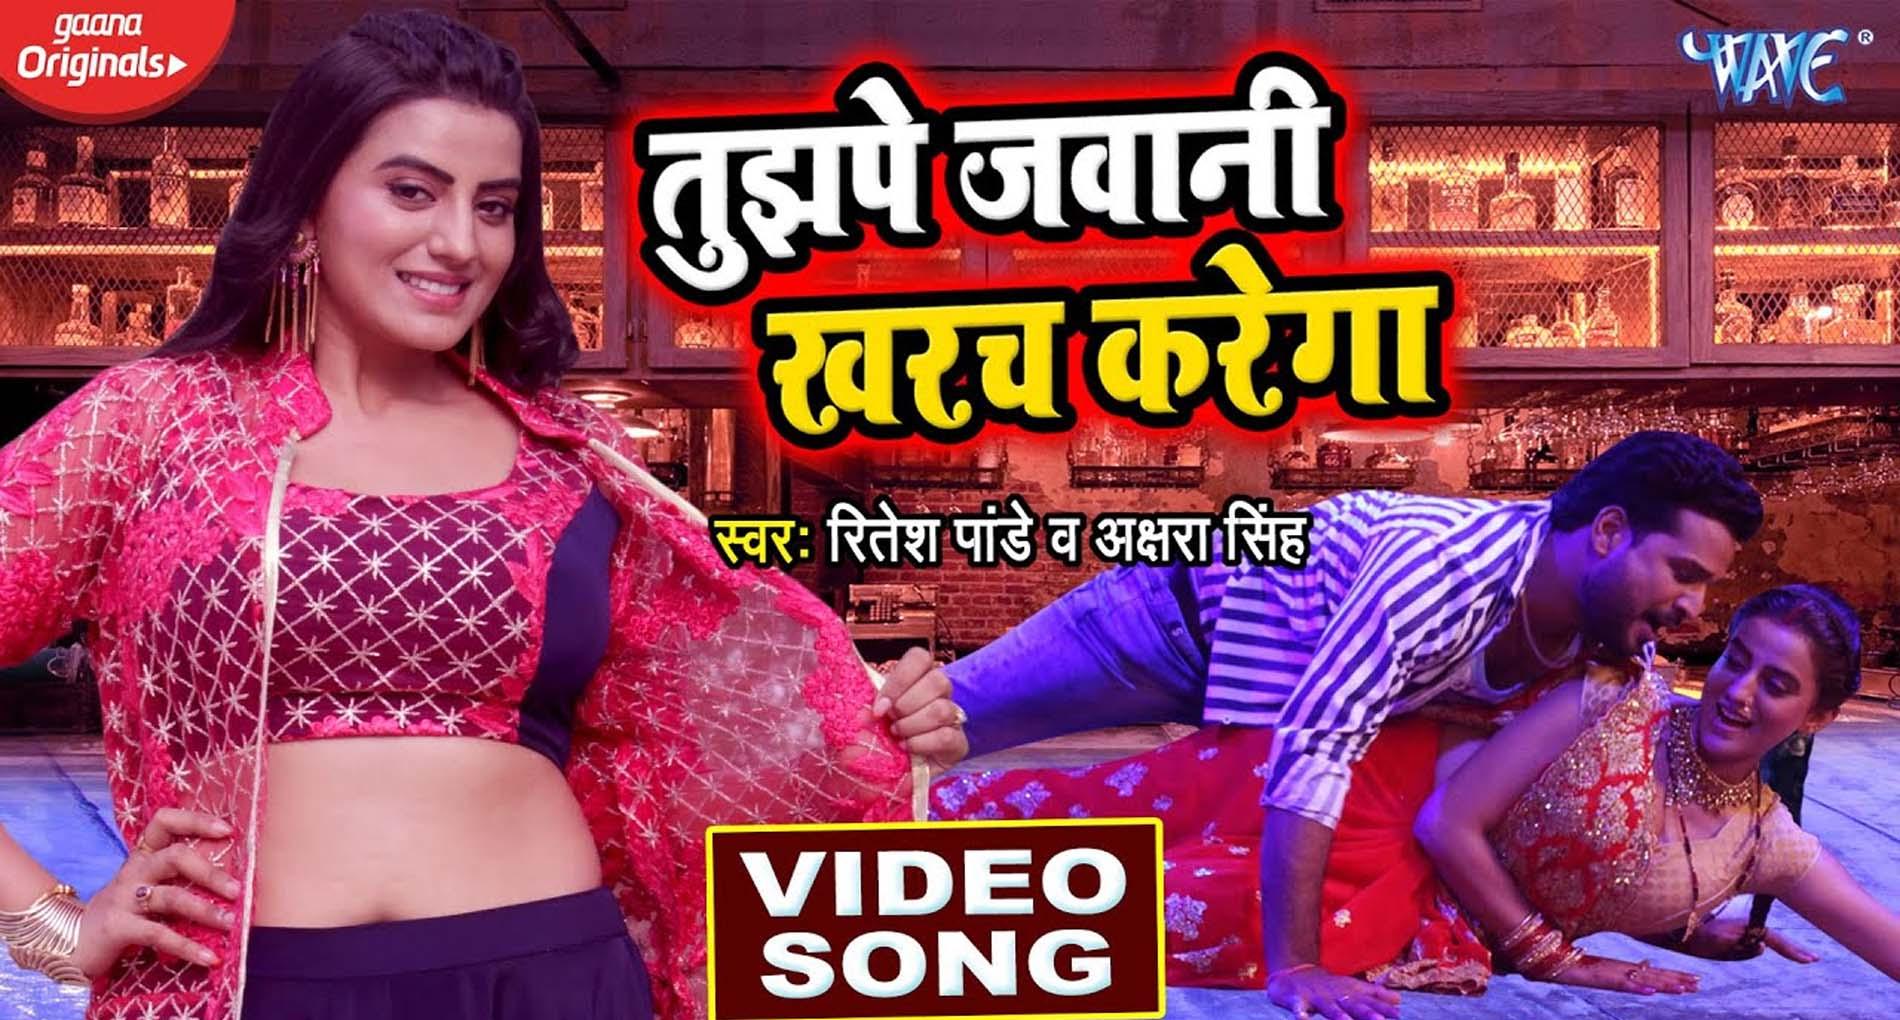 Akshara Singh Hot Song: अक्षरा सिंह का हॉट गाना 'तुझपे जवानी खरच करेगा' का धमाल! देखें वीडियो